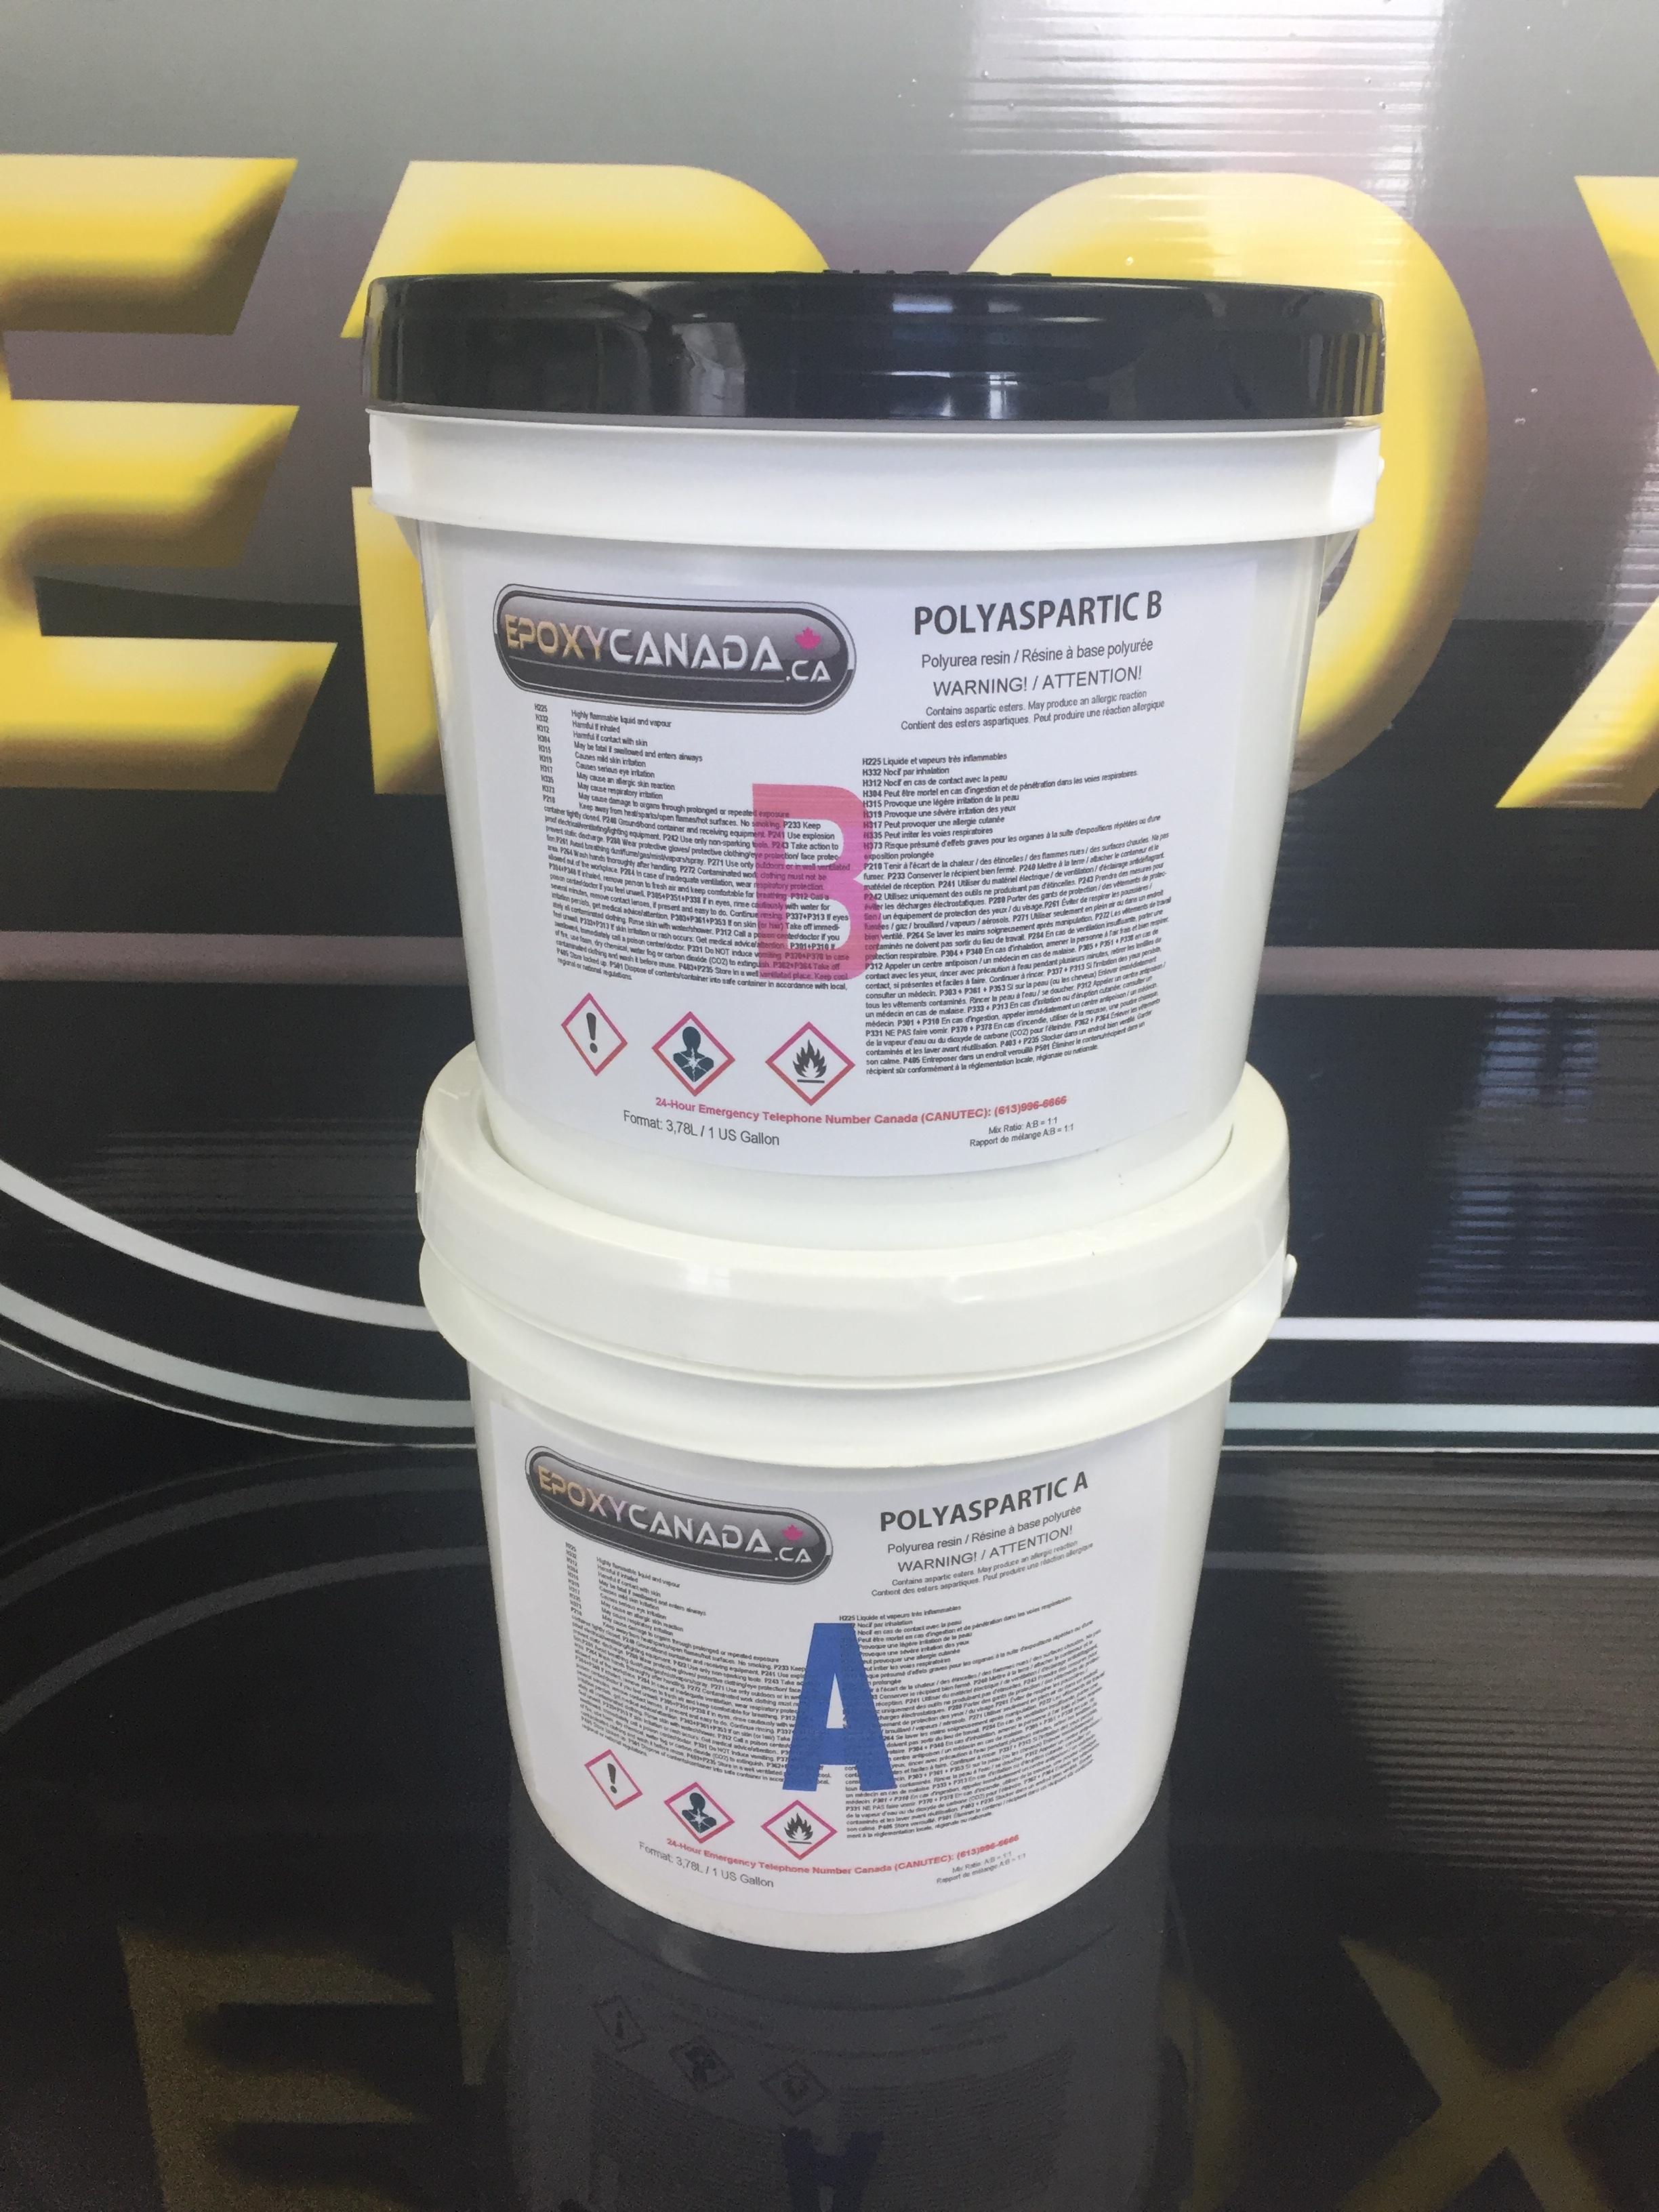 Polyaspartic resin/Résine polyaspartique 2 US GALLON (7,56L) 00012